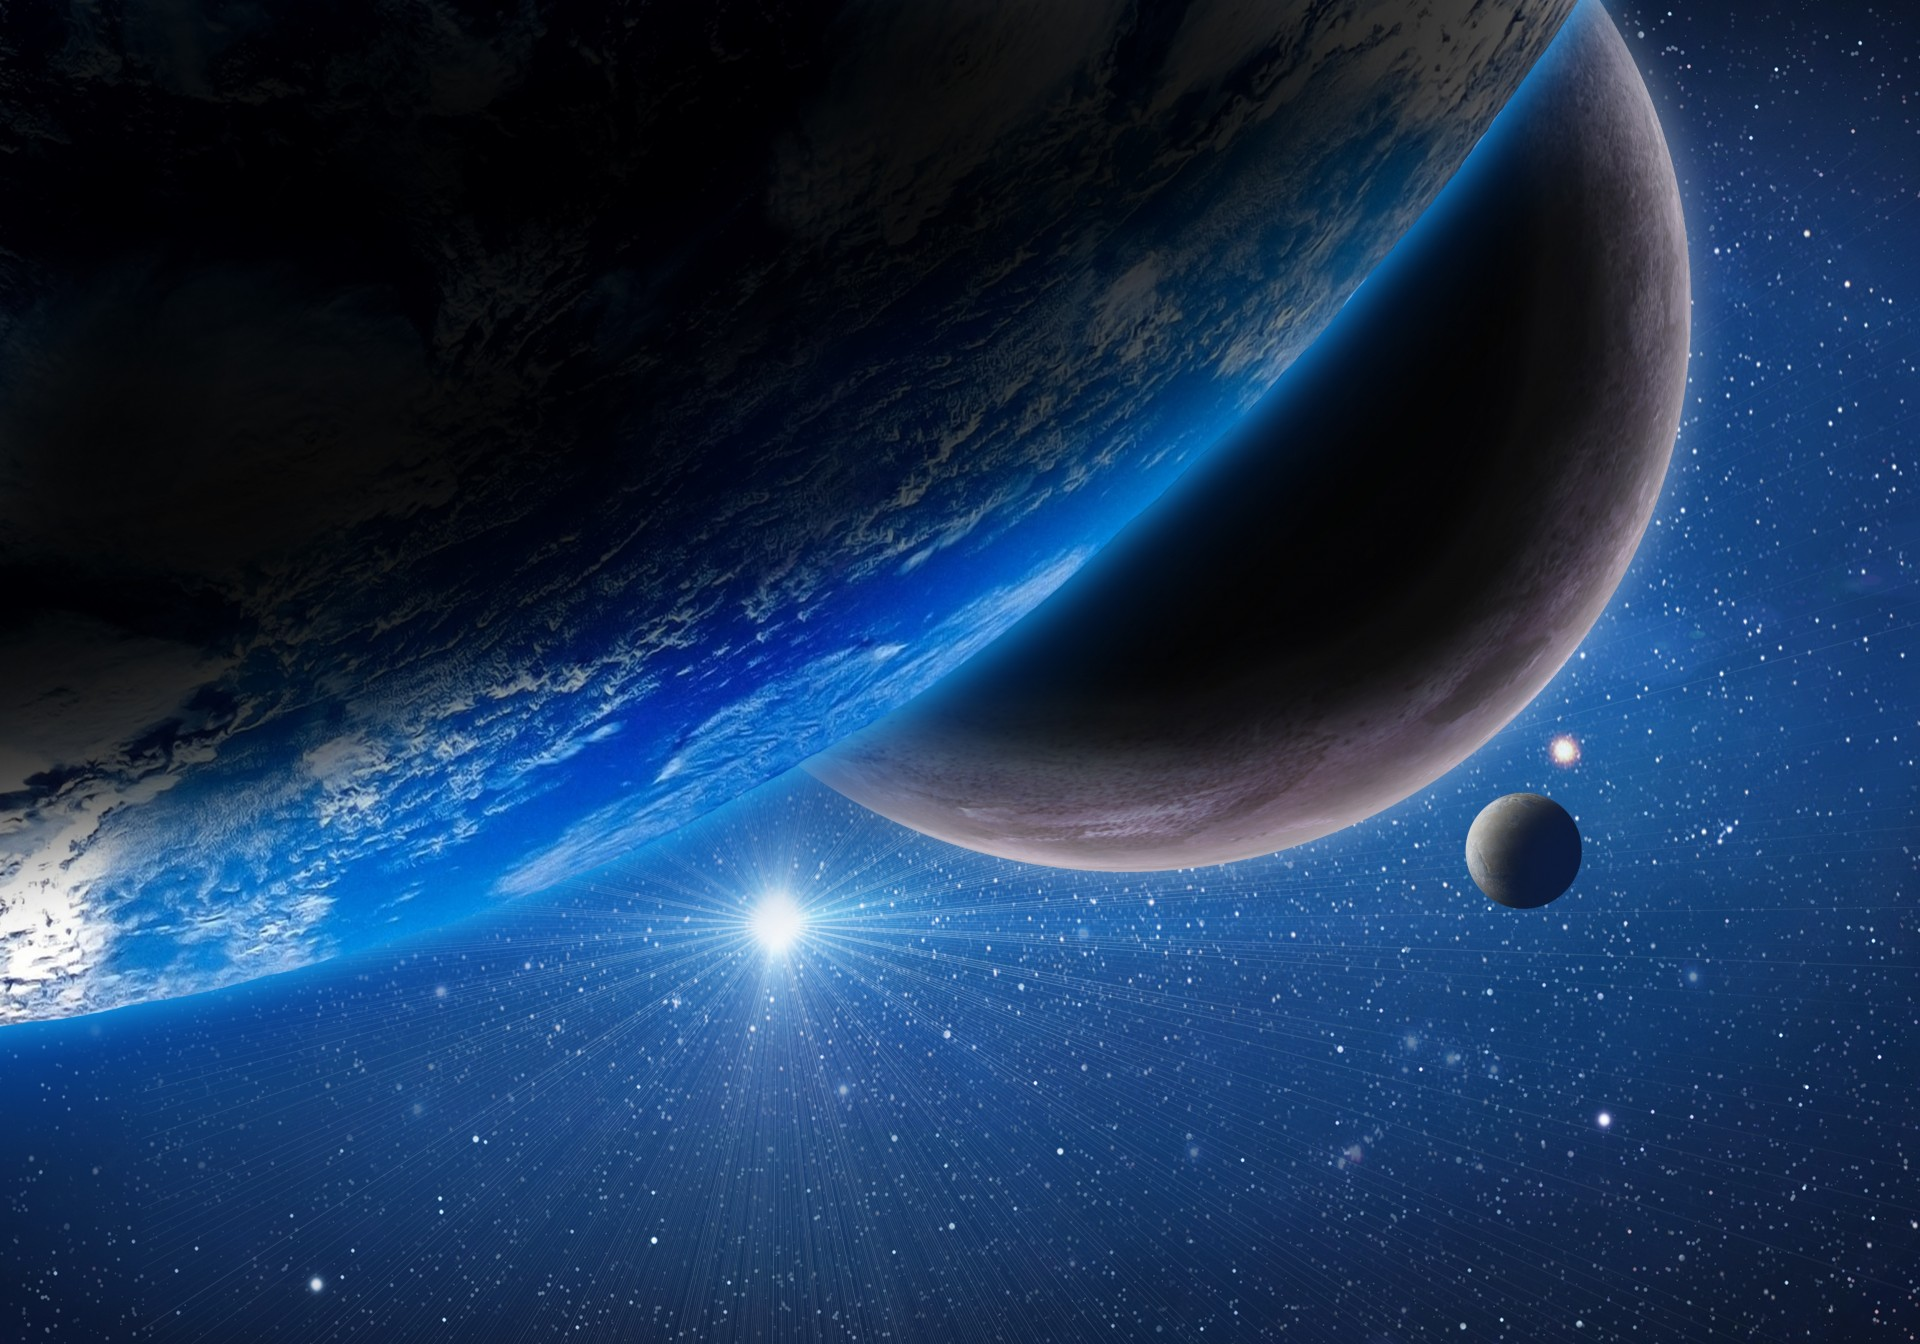 диска космос картинки качество проемы